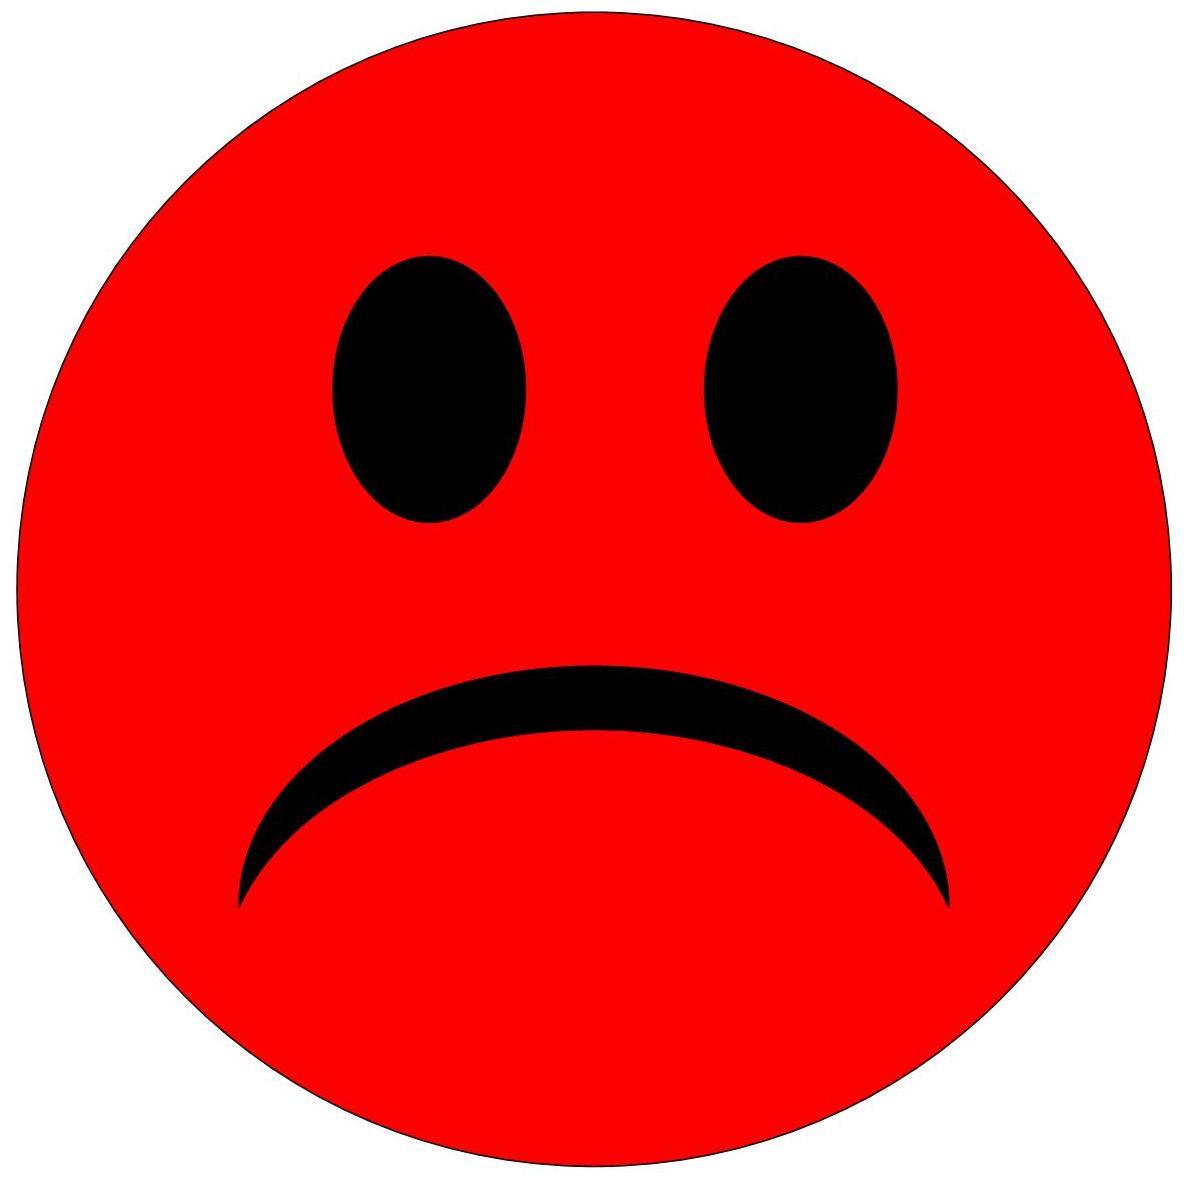 Www Sad Face Images Clipart Best